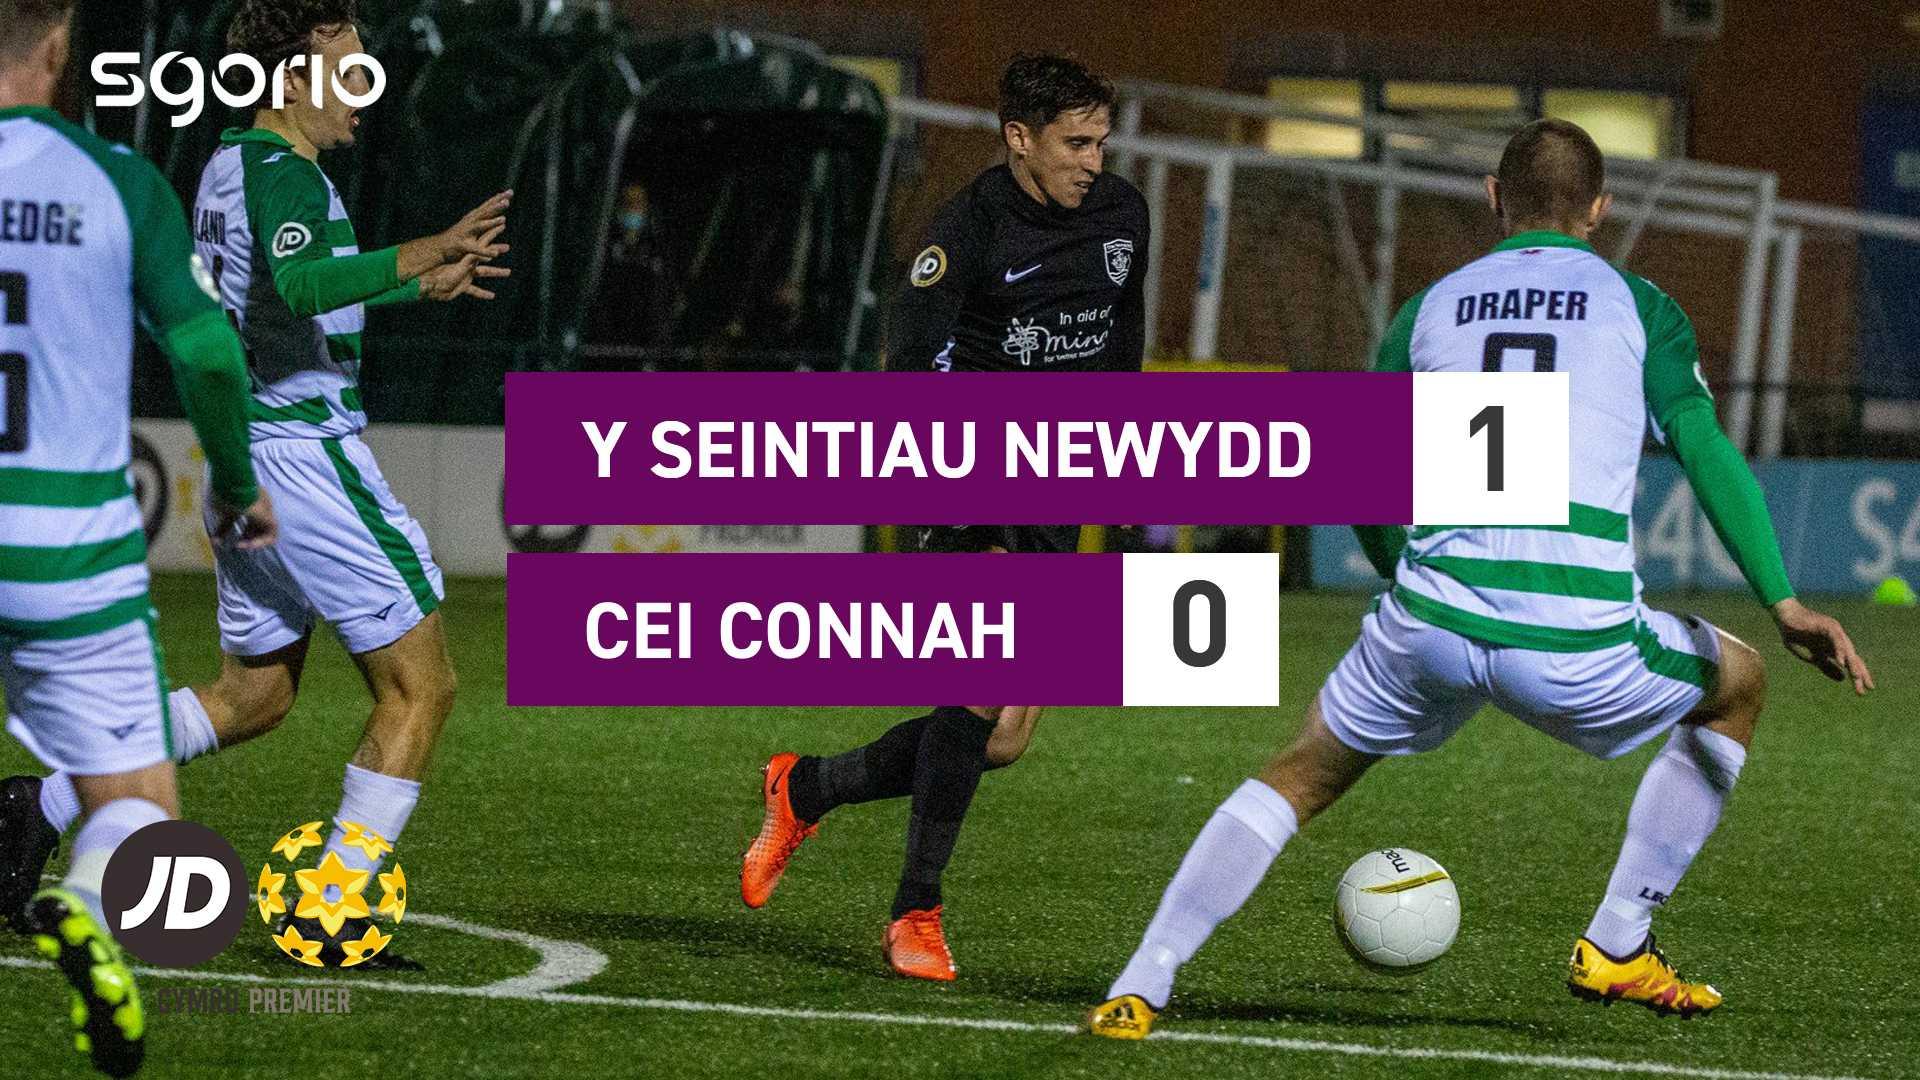 Y Seintiau Newydd 1-0 Cei Connah